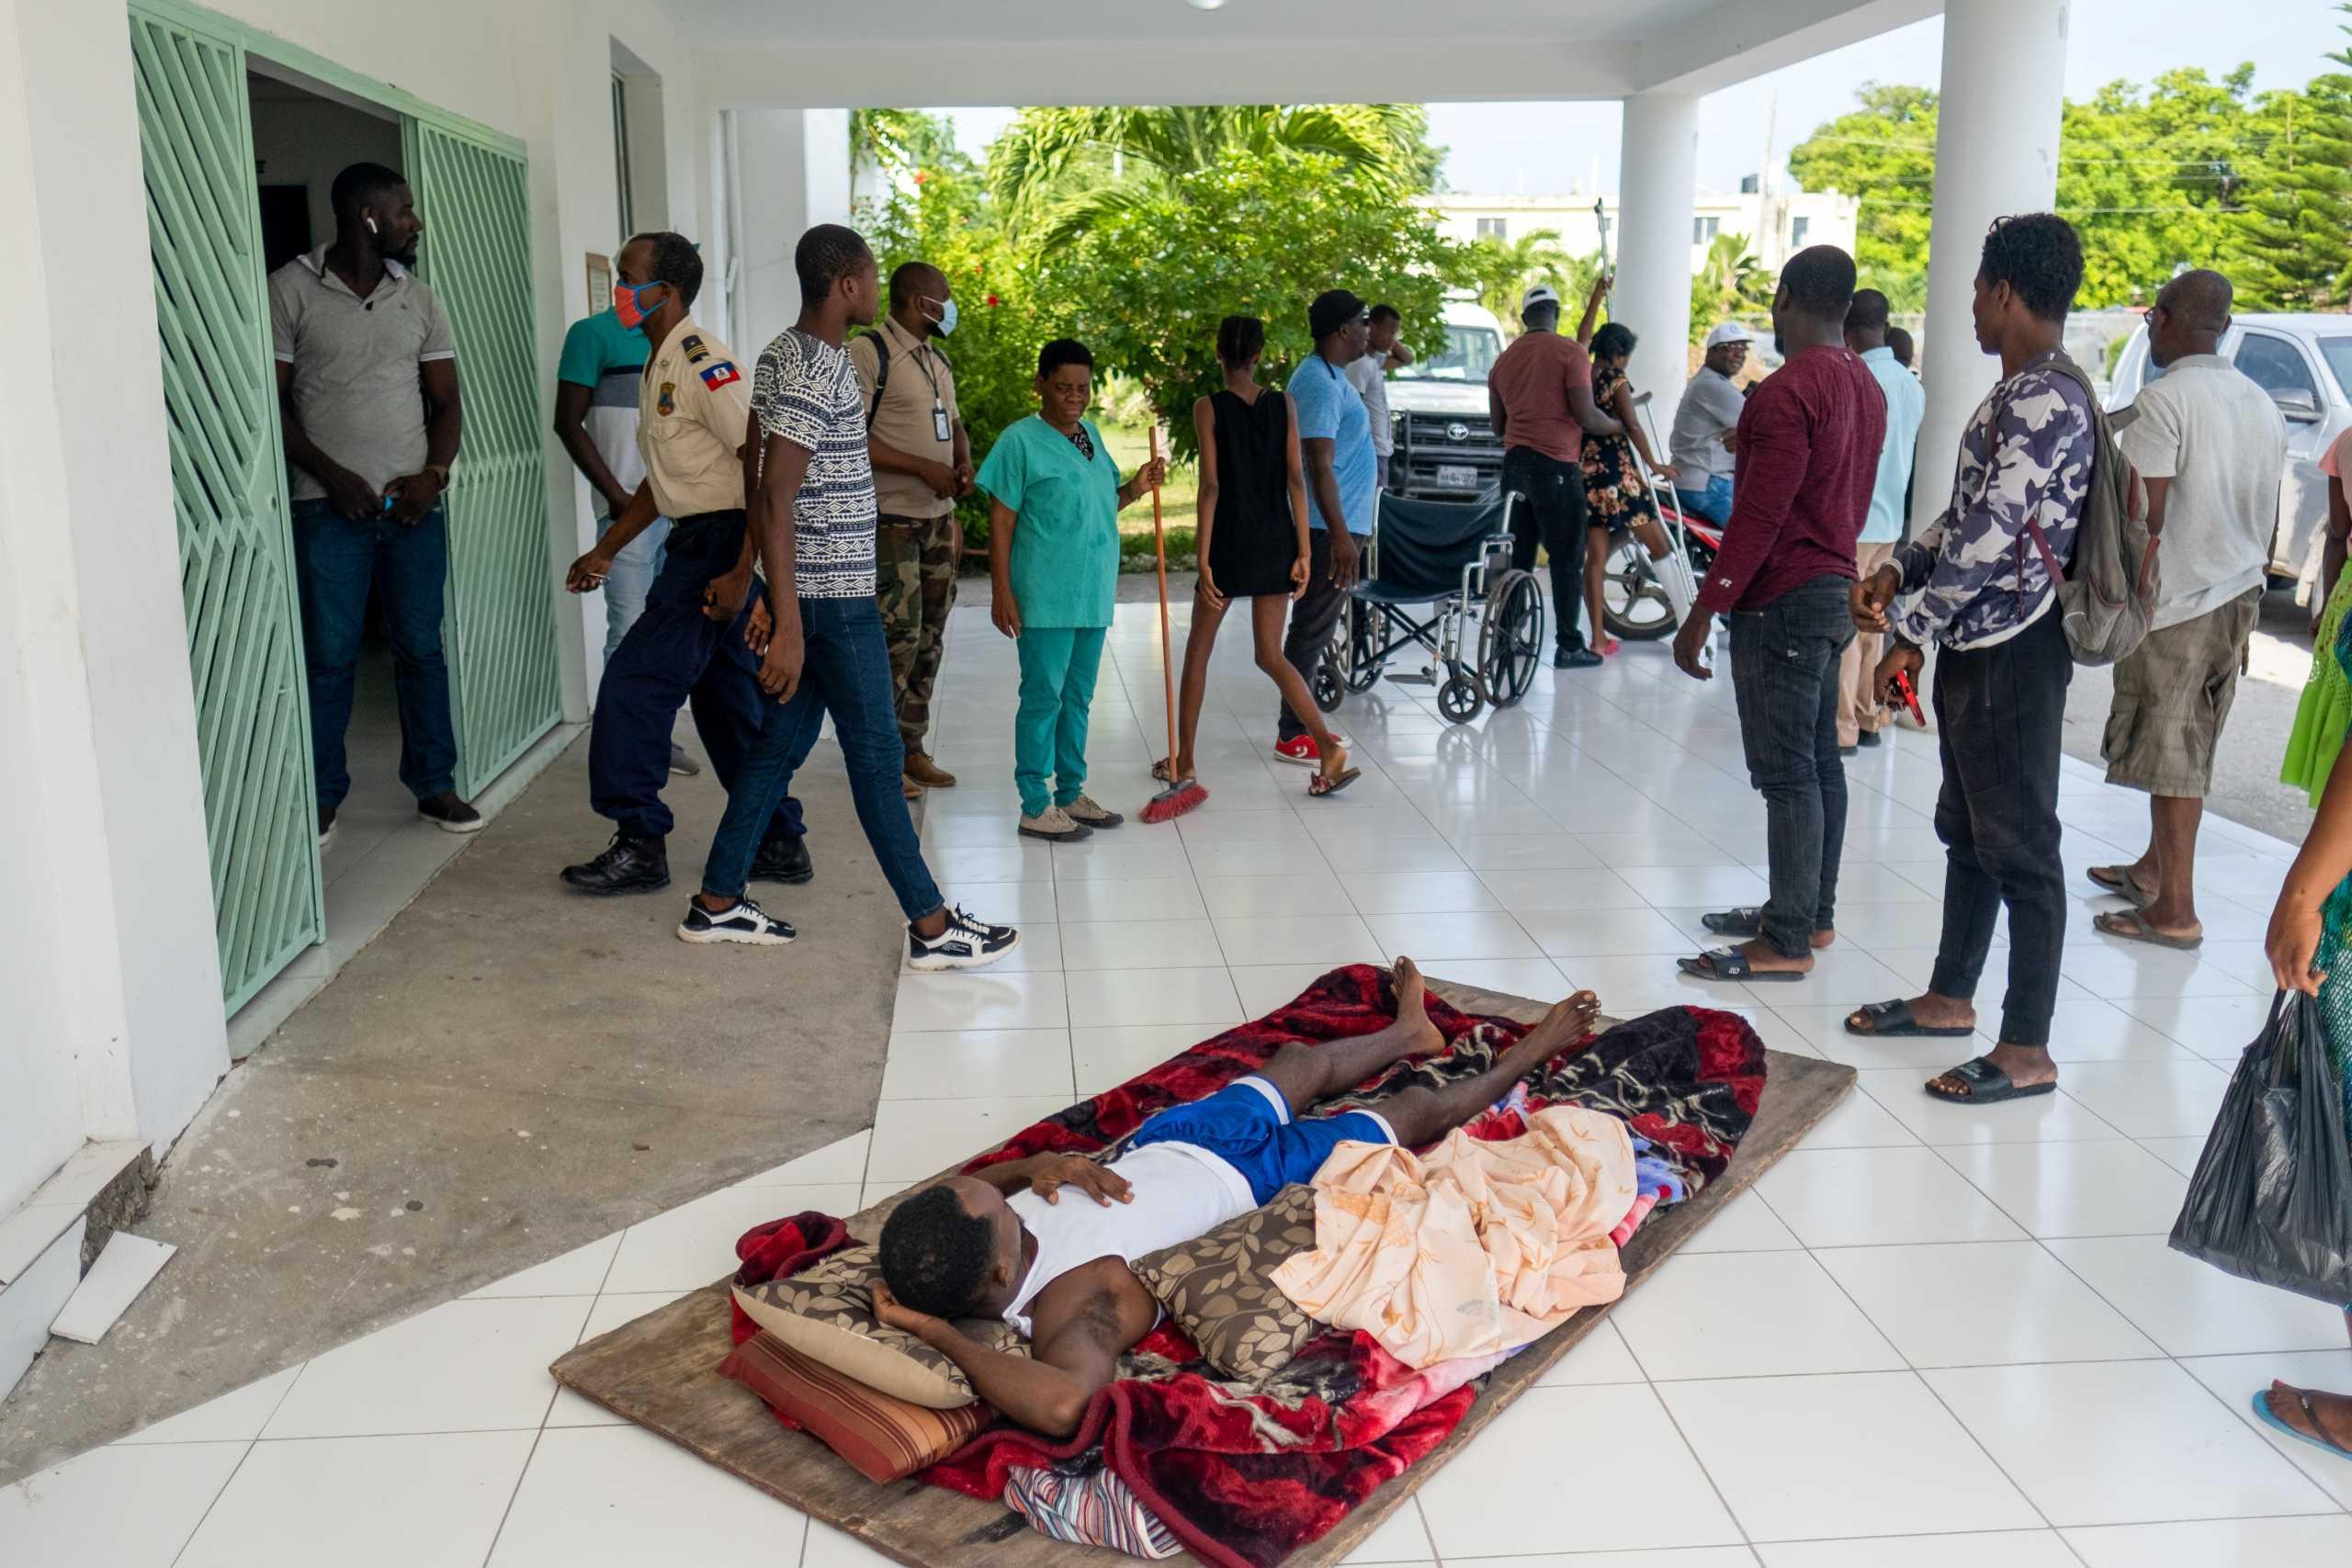 Θυμός και απόγνωση στην Αϊτή που μετράει πληγές μετά το μεγάλο σεισμό